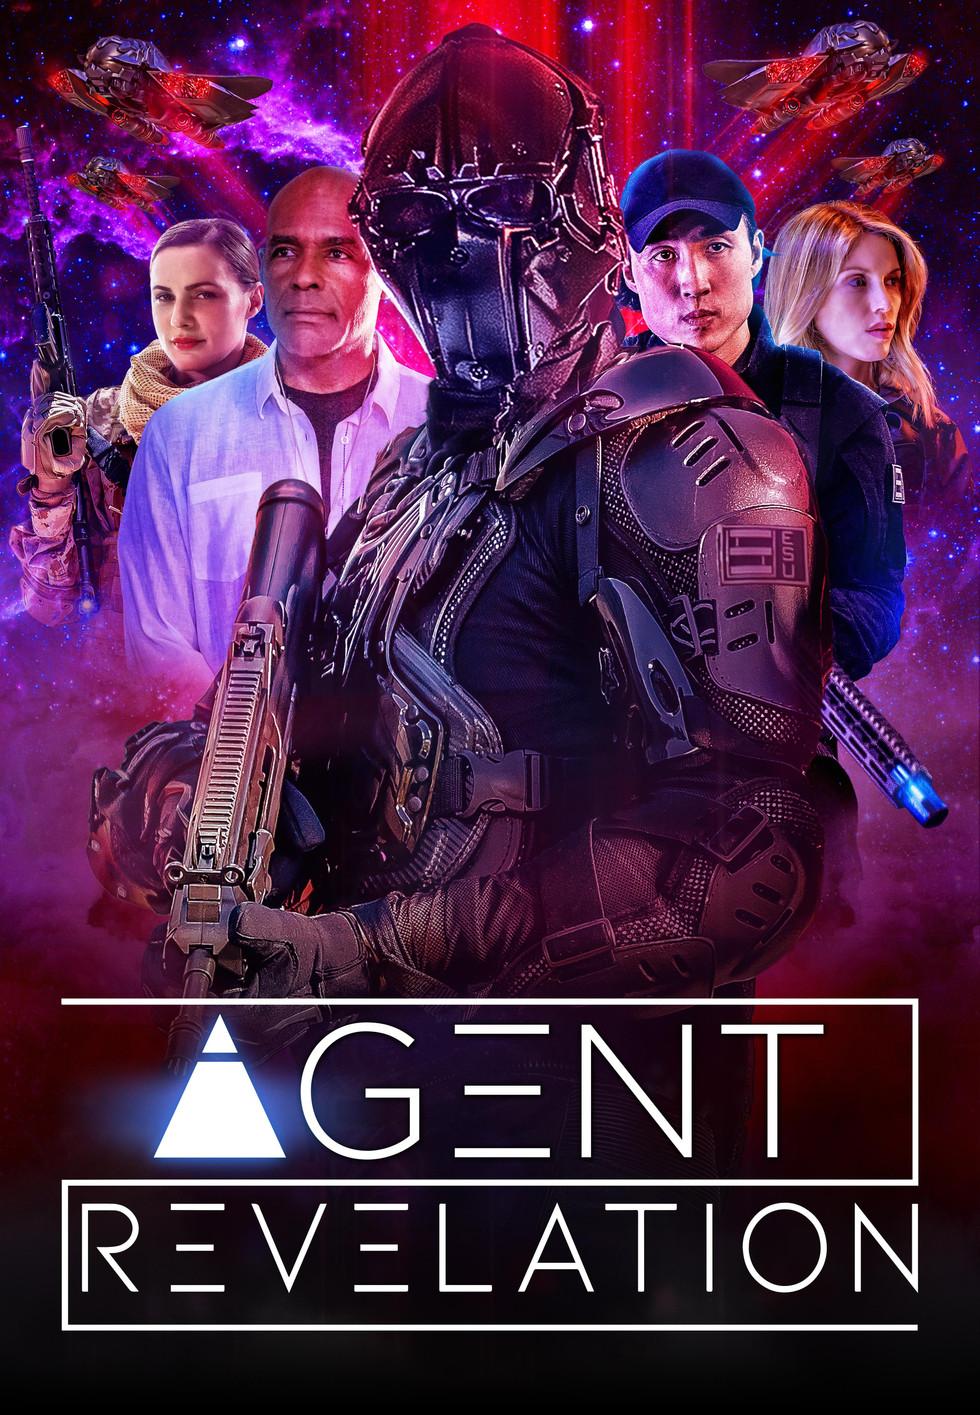 AgentRevelation2_FIN.jpg